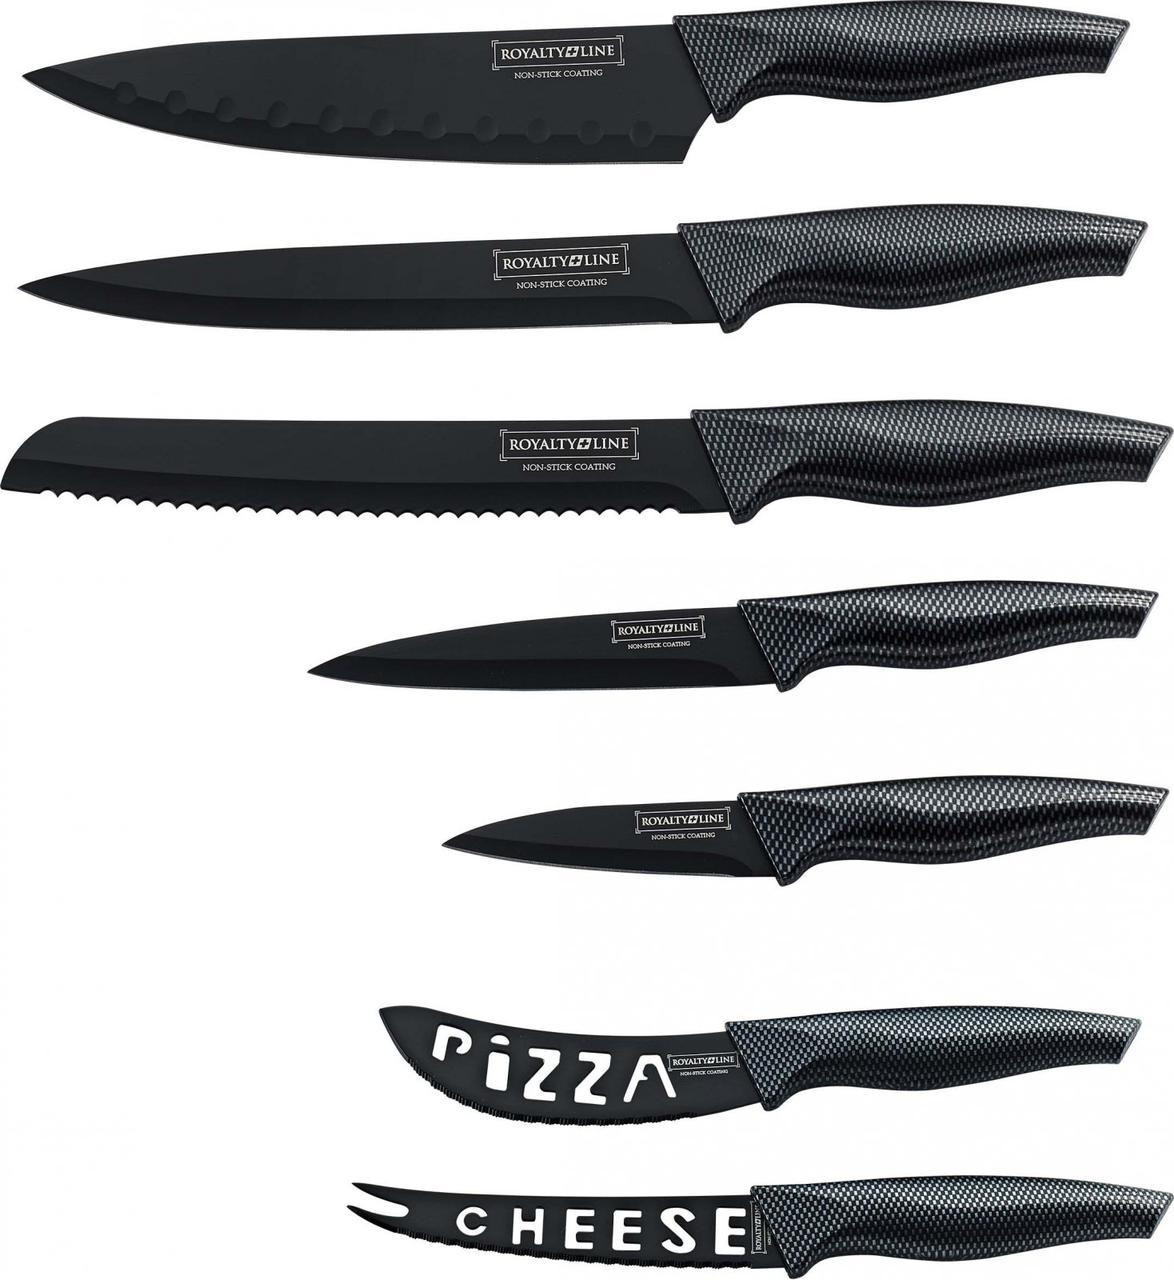 Набор кухонных ножей Royalty Line RL-CB7 с антипригарным покрытием ручка Carbon и керамической овощечисткой